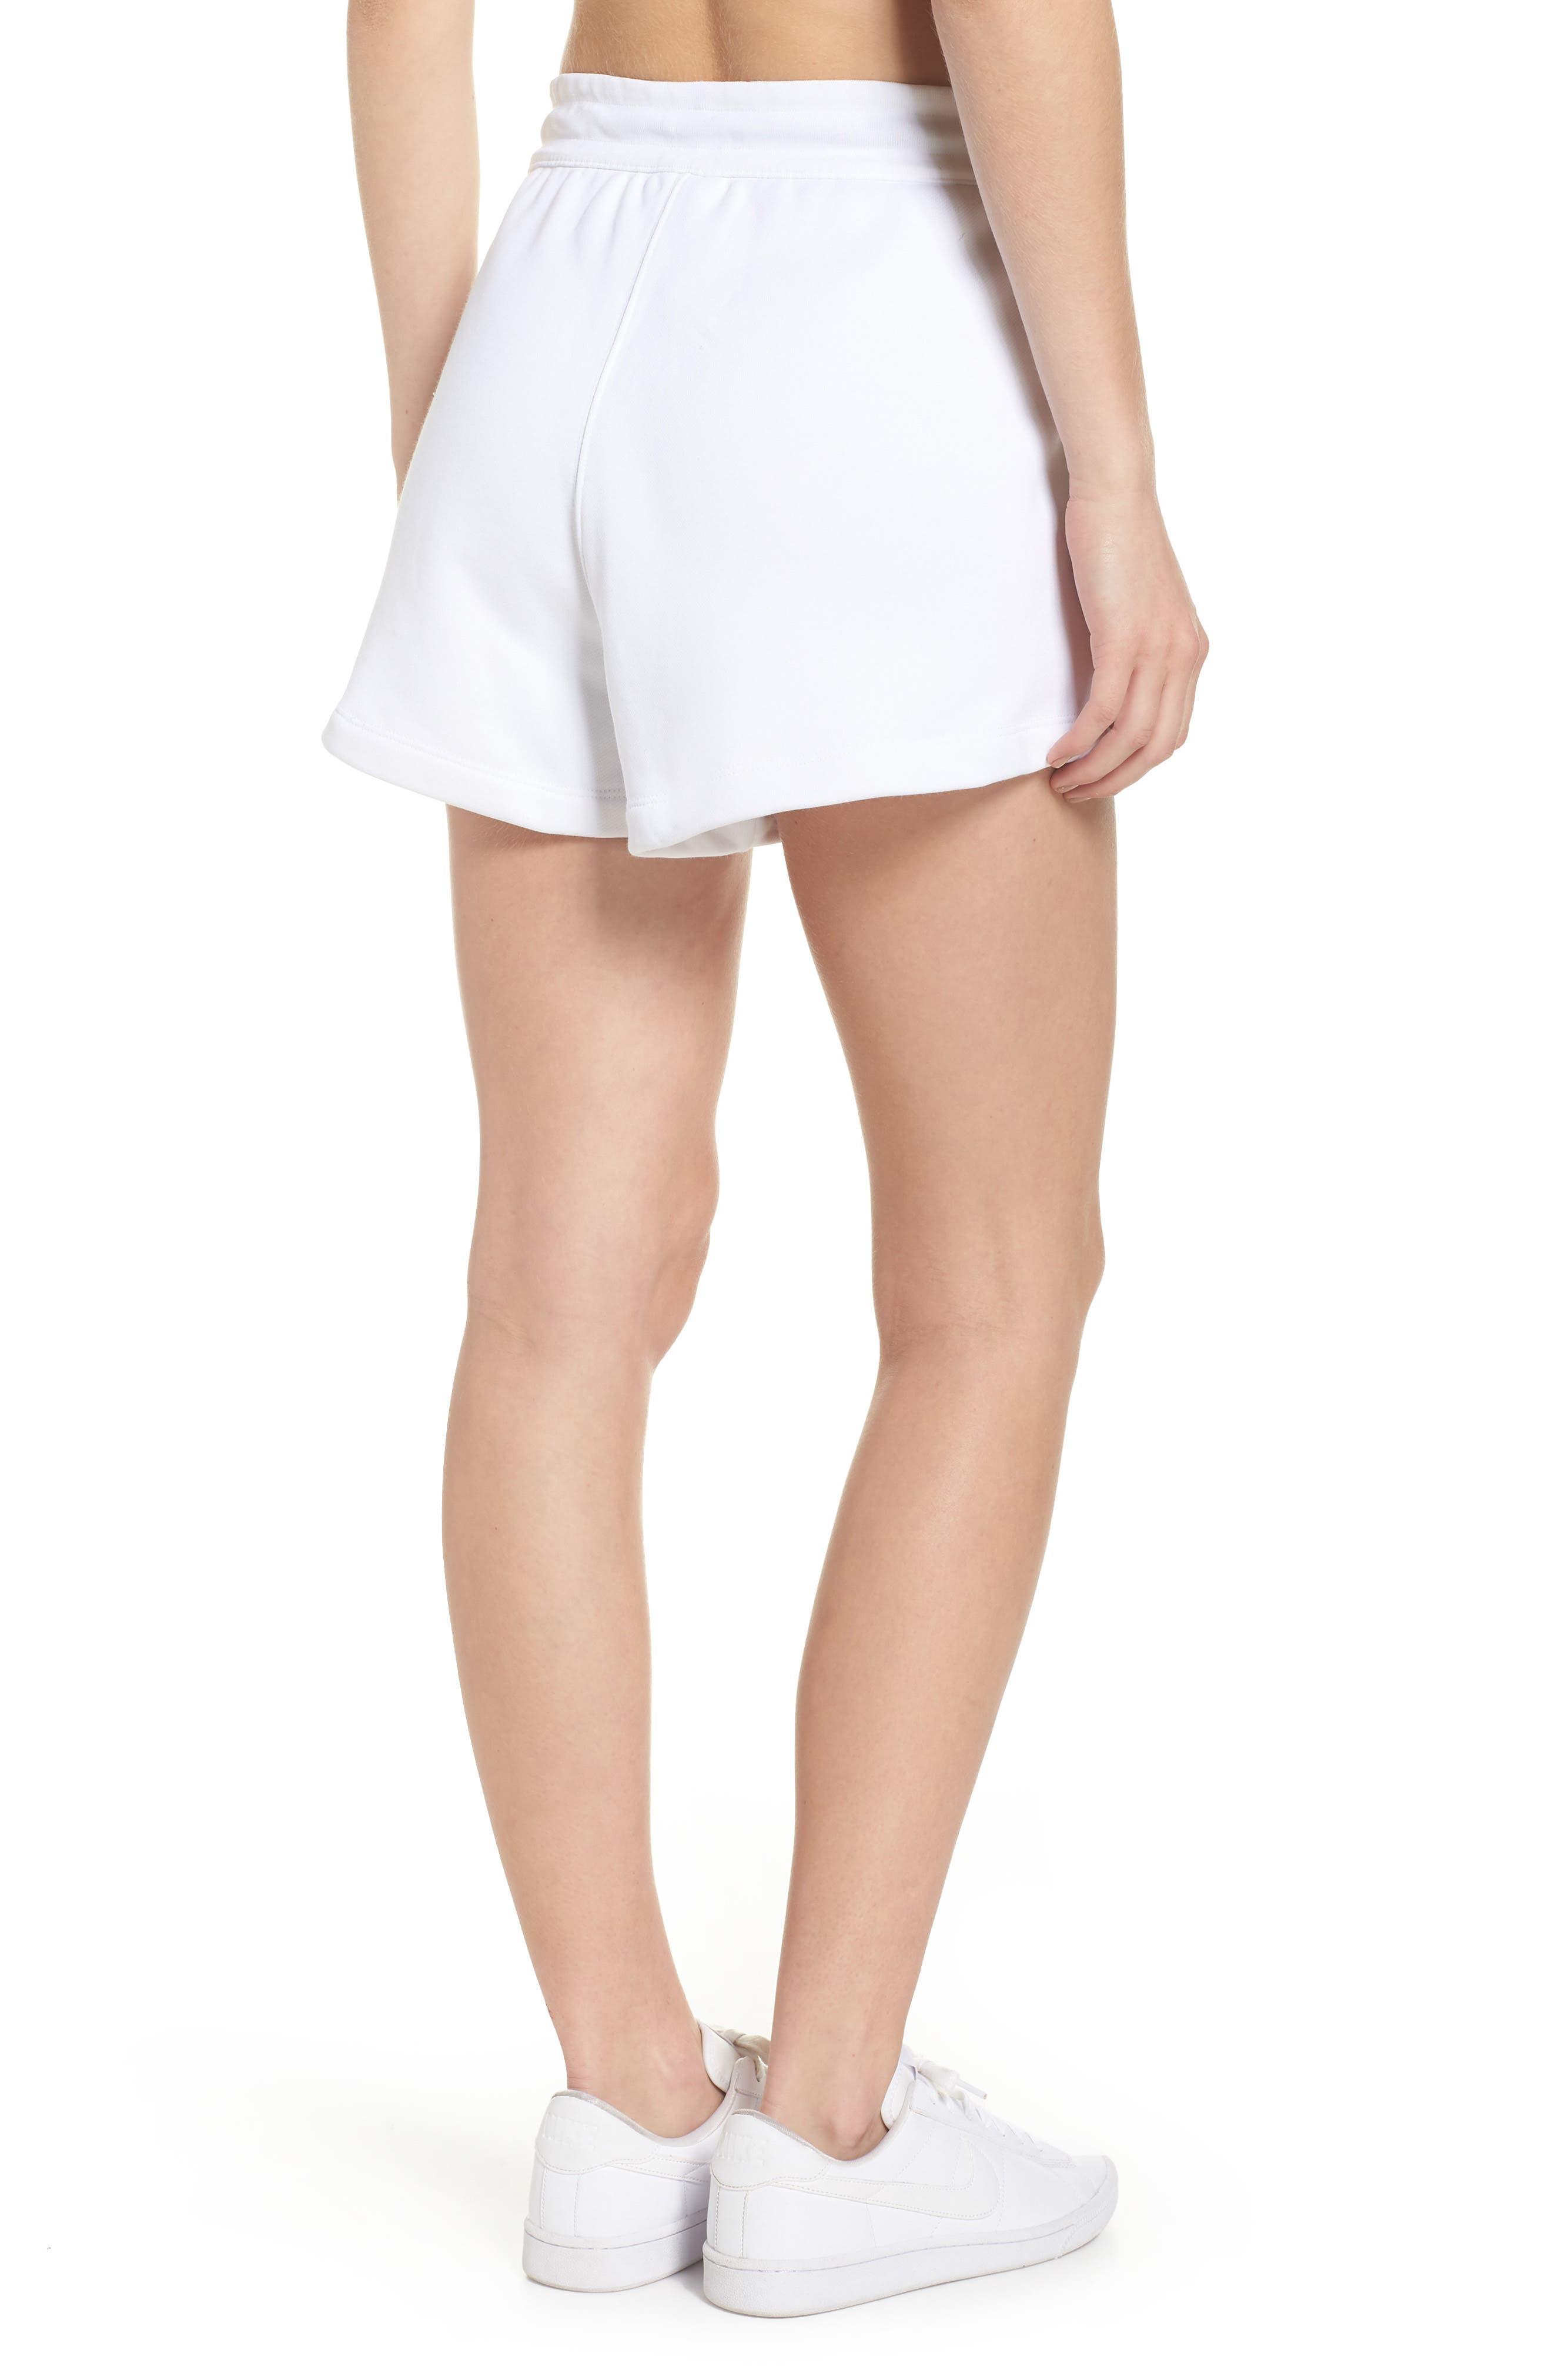 NikeLab Collection Women's Fleece Shorts,                             Alternate thumbnail 2, color,                             100